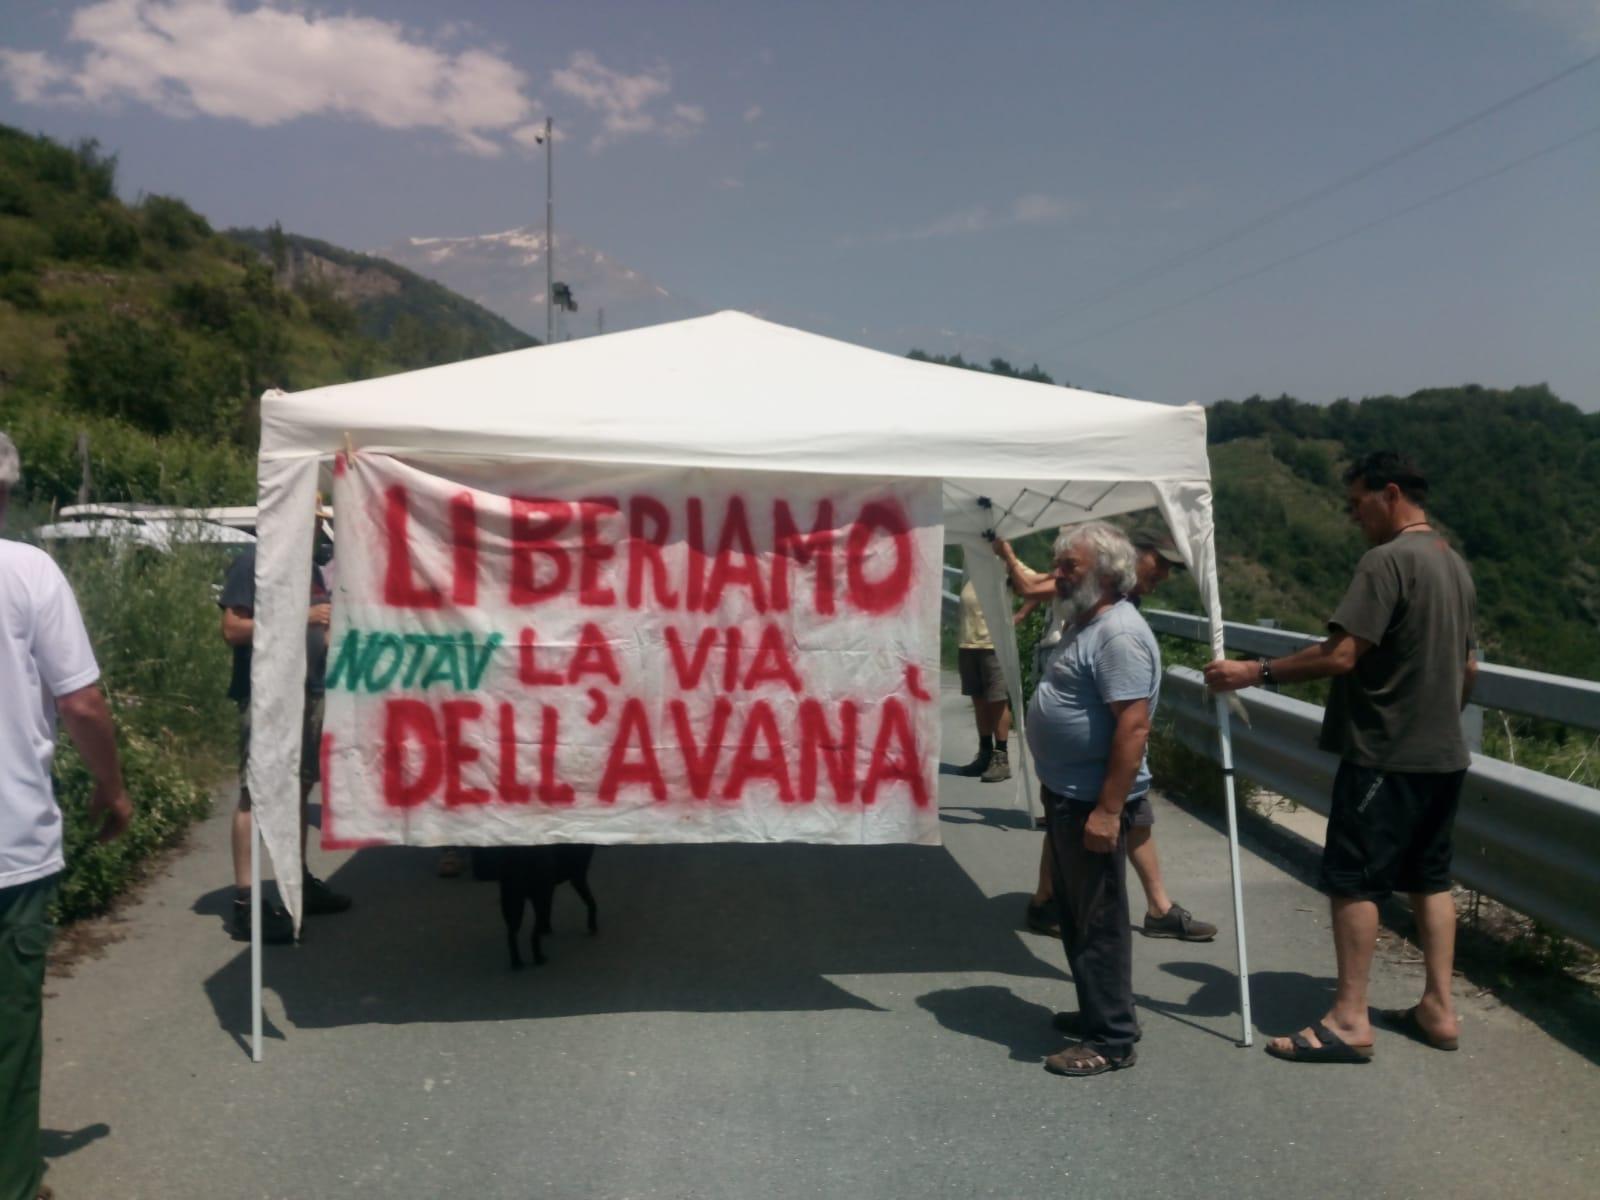 Blocco di Via dell'Avanà, vogliamo le vigne libere e il cantiere chiuso!